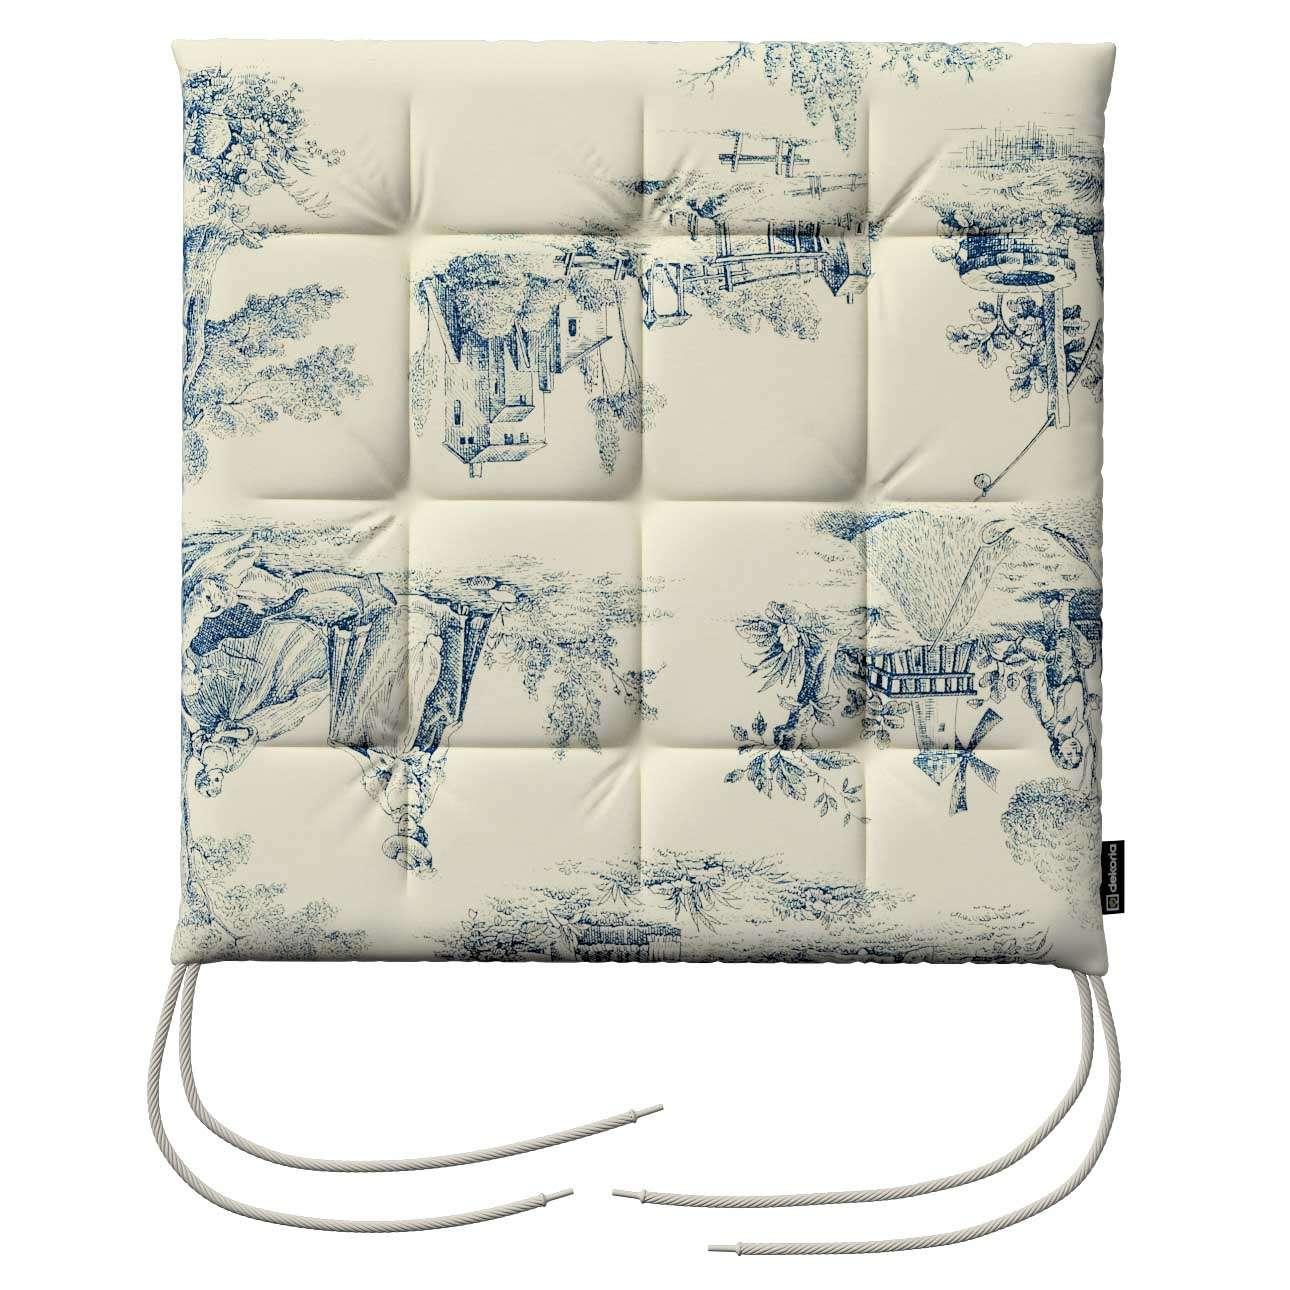 Siedzisko Karol na krzesło 40x40x3,5cm w kolekcji Avinon, tkanina: 132-66